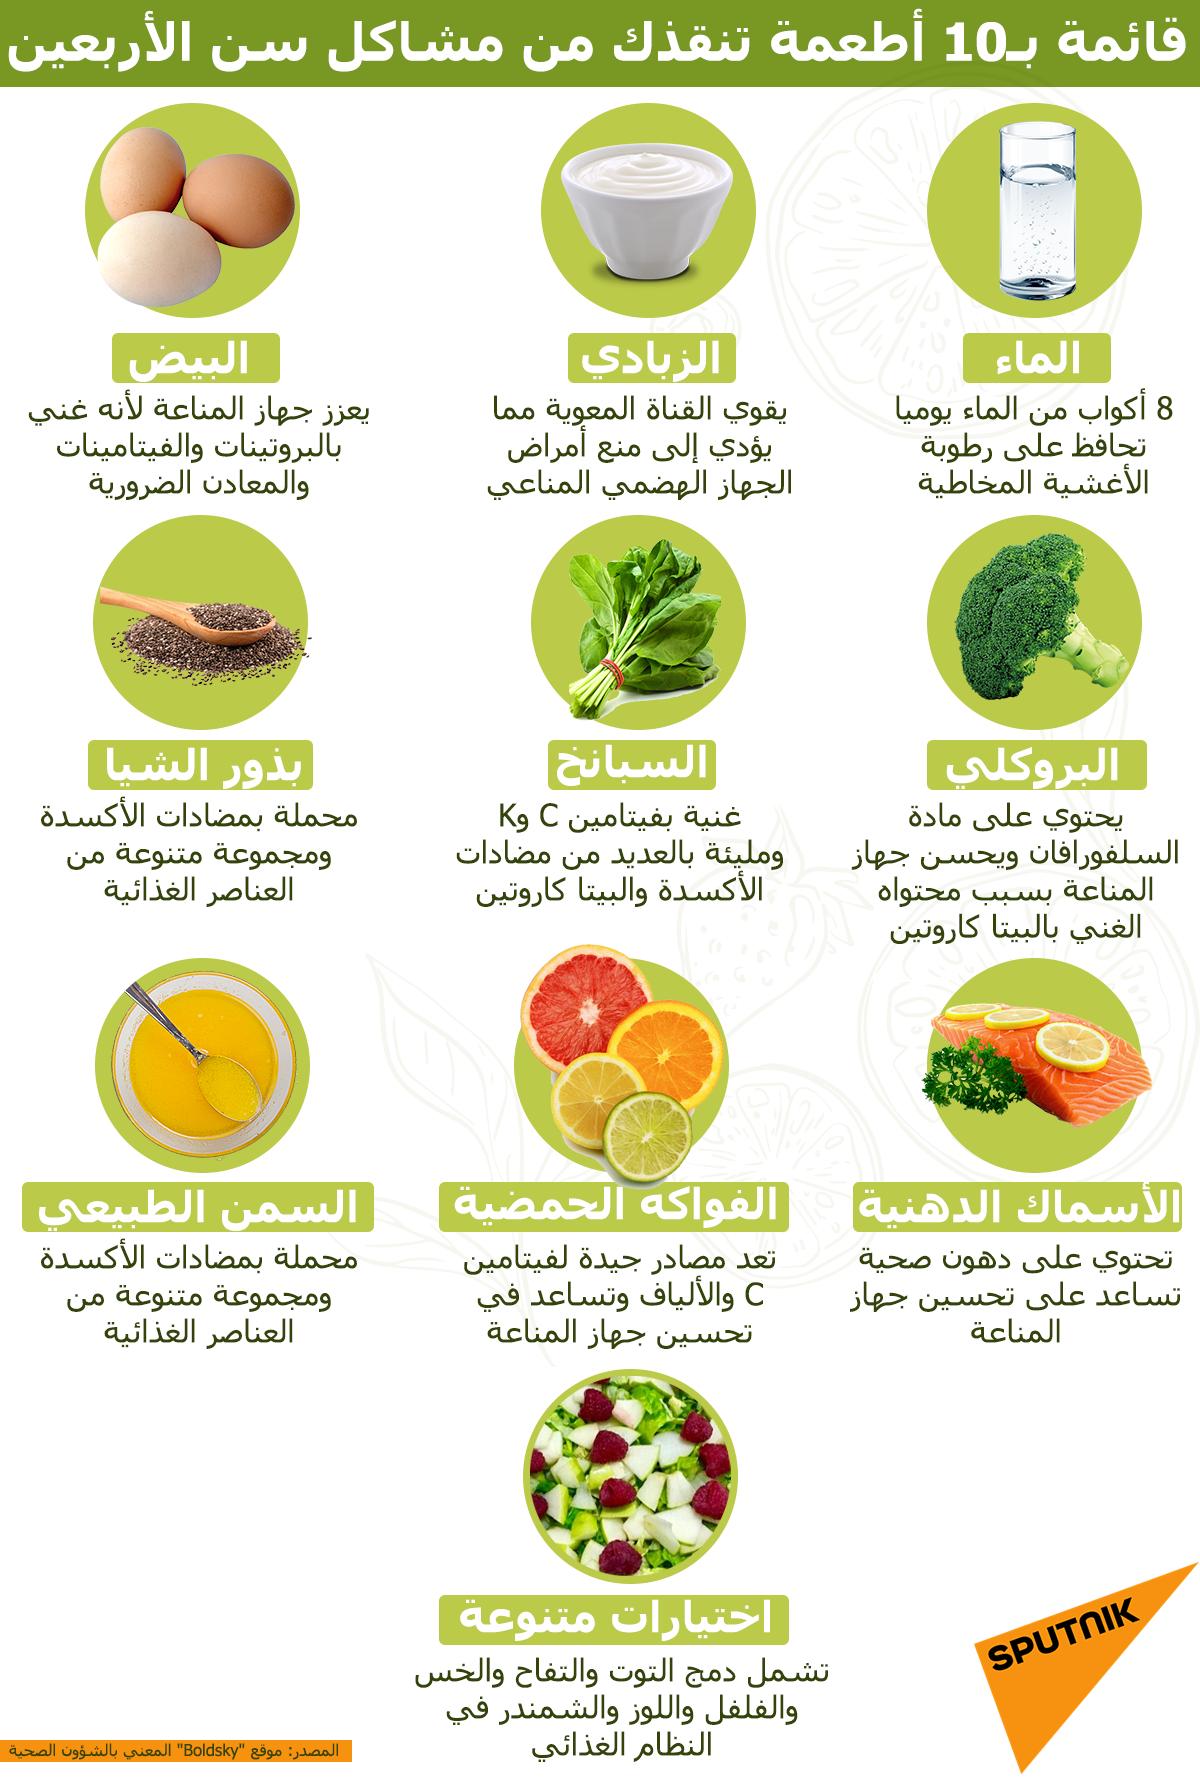 إنفوجرافيك... 10 أطعمة تنقذك من مشاكل الأربعين